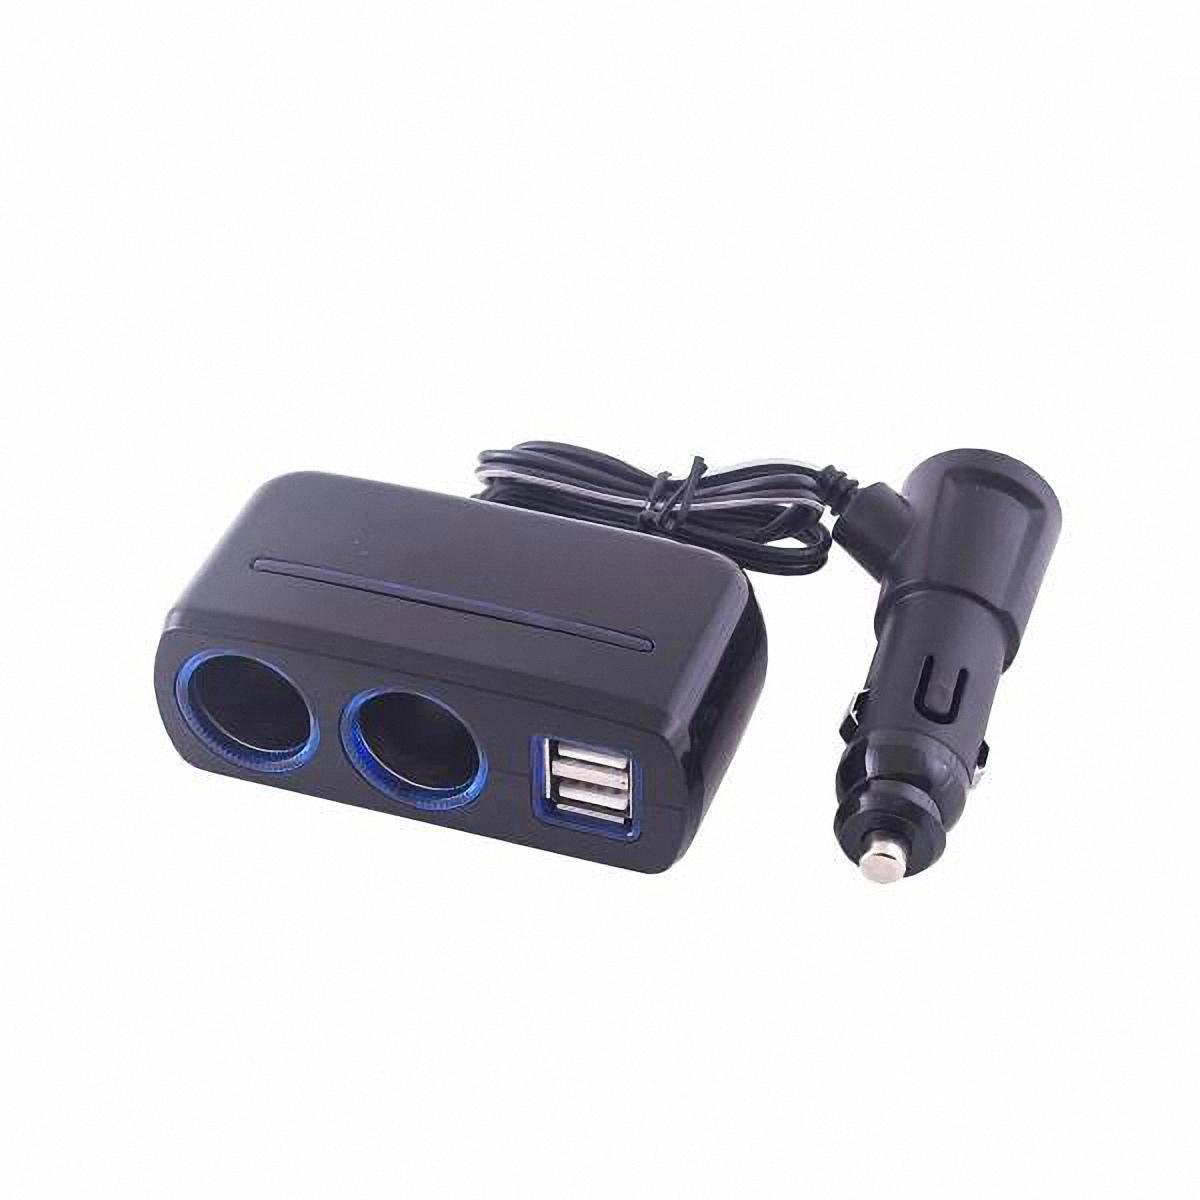 Разветвитель прикуривателя Skyway, 2 выхода + 3 USB. S02301020S02301020Разветвитель прикуривателя Skyway позволяет подключать устройства, имеющие стандартный разъем под прикуриватель, плюс устройства, имеющие разъем USB (блоки питания для ноутбука, кпк, сотового телефона, GPS-навигатора, антирадара, пылесоса, холодильника, различные зарядные устройства и многое другое). Устройство вращается на 180°, вверх и вниз. Устройство используется при мощности 7А. Общая мощность 80 Ватт. Предохранитель 5А.Потребляемая мощность 12-24 В.Количество гнезд: 2. Количество USB-портов: 3.